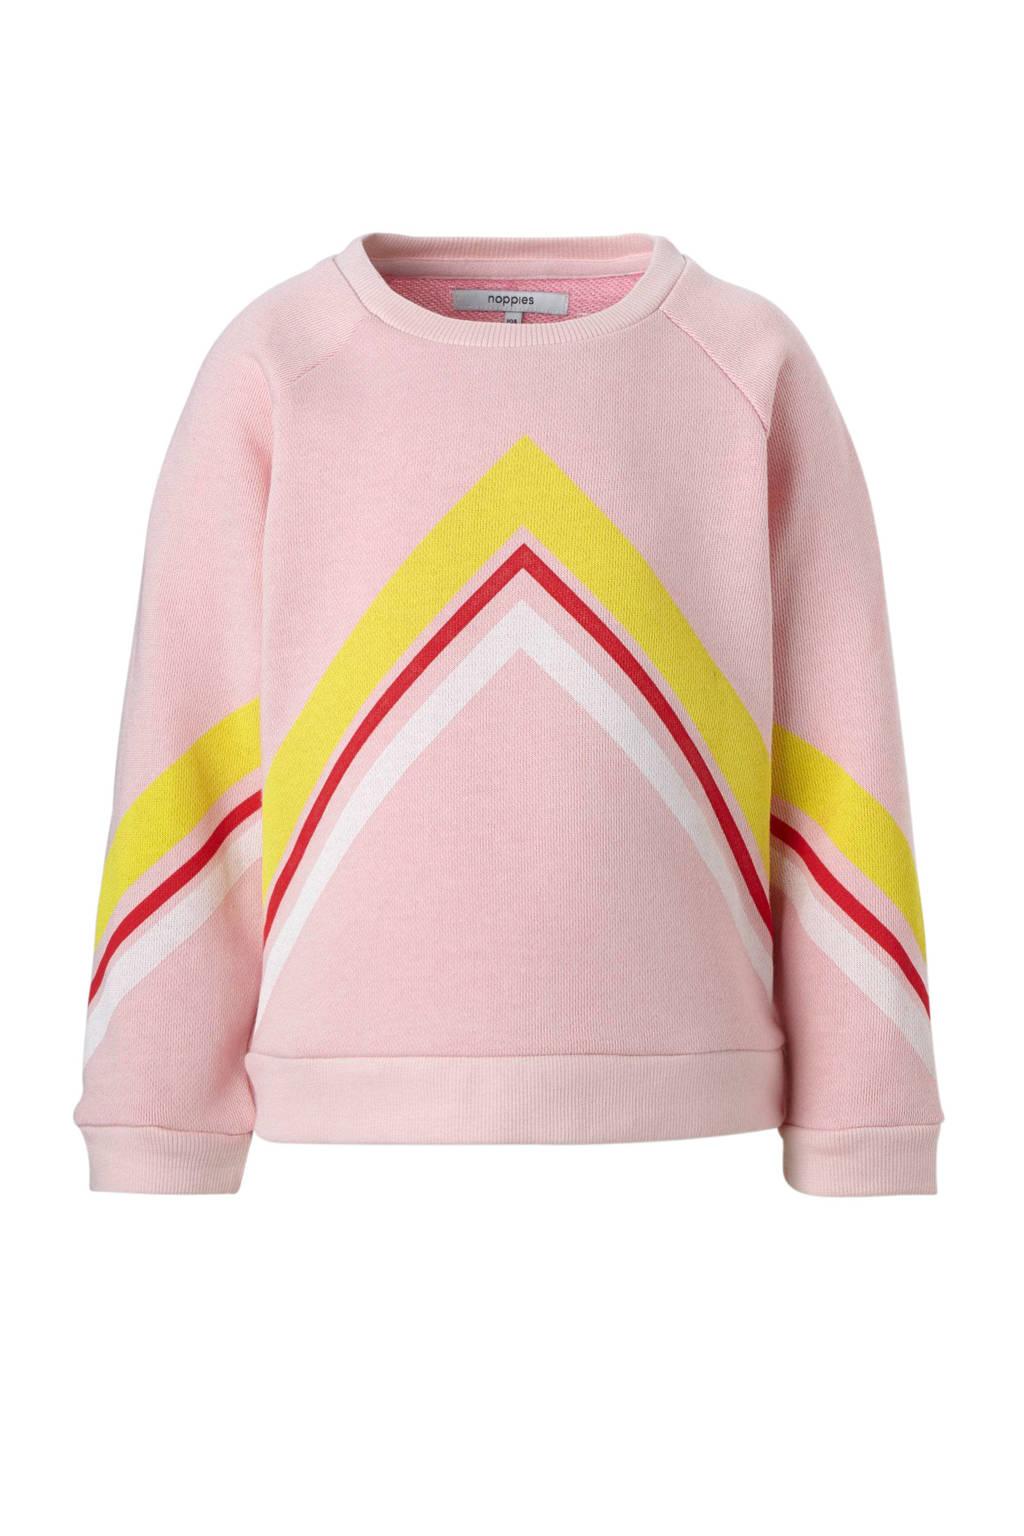 Noppies sweater Reserve, Roze/geel